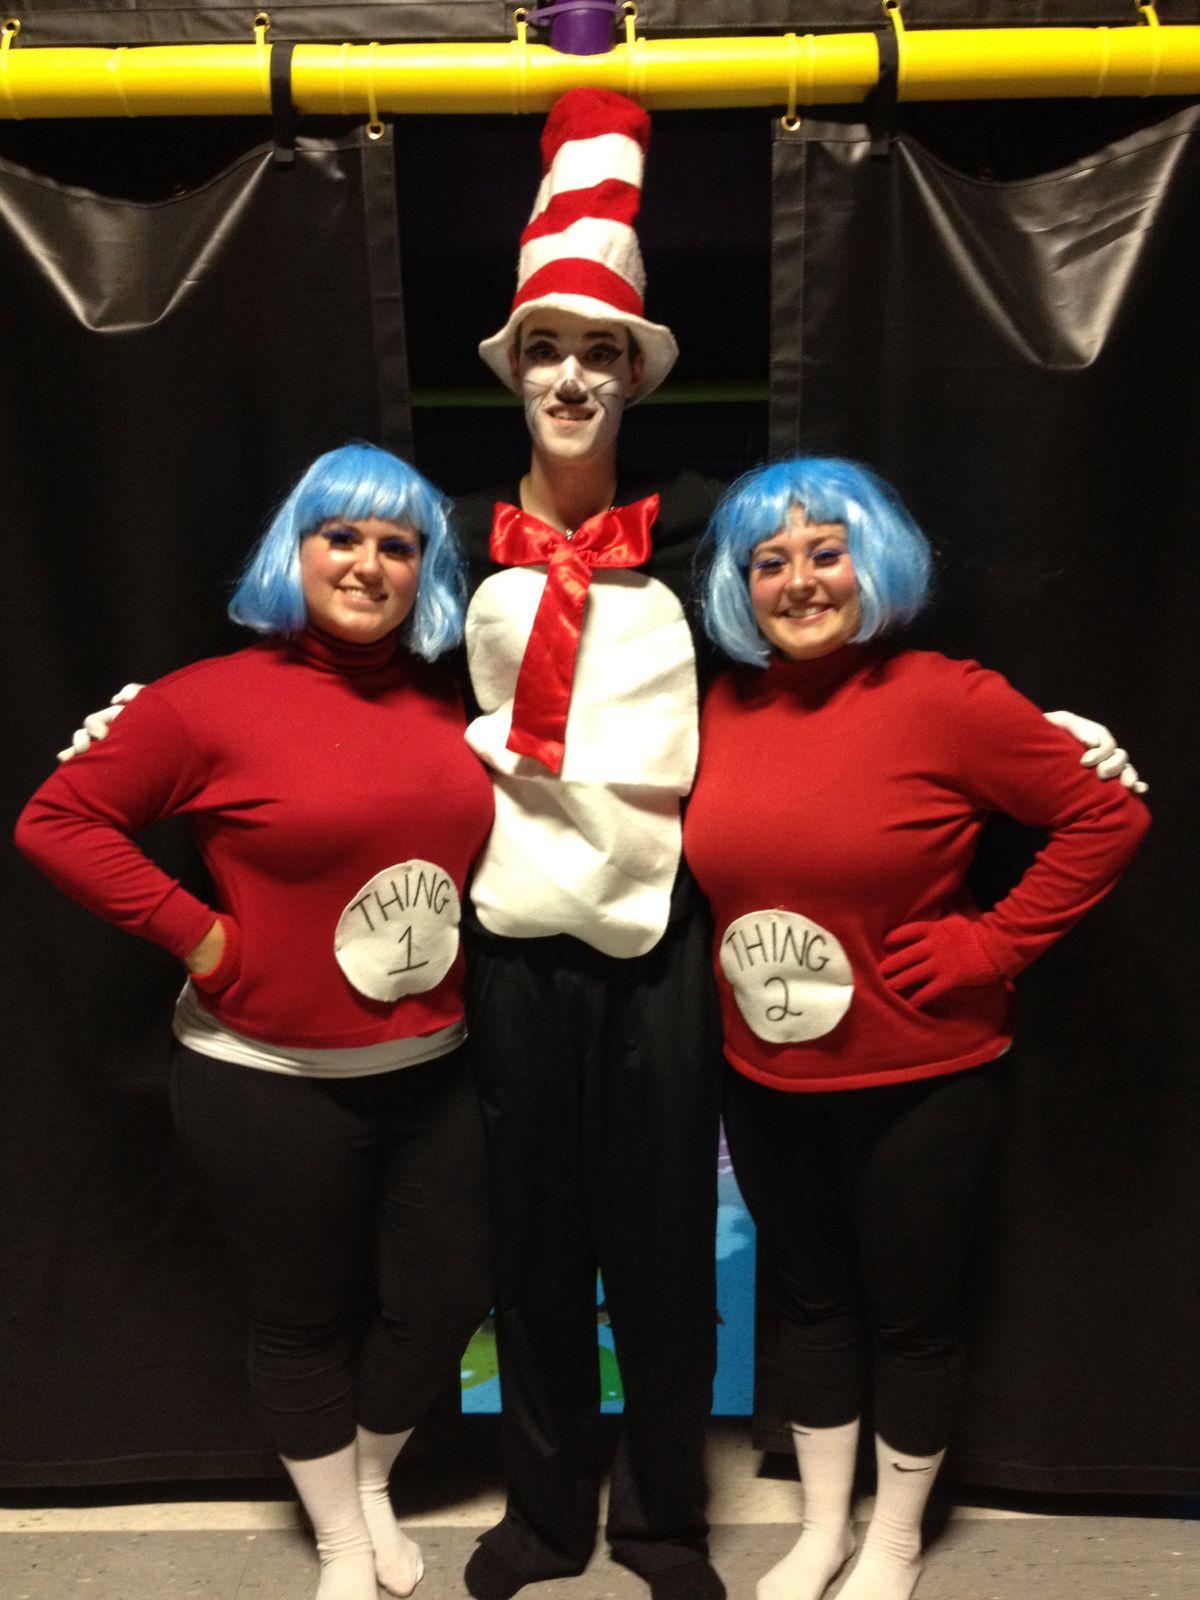 Rock paper scissors, Scissors and Halloween costumes on